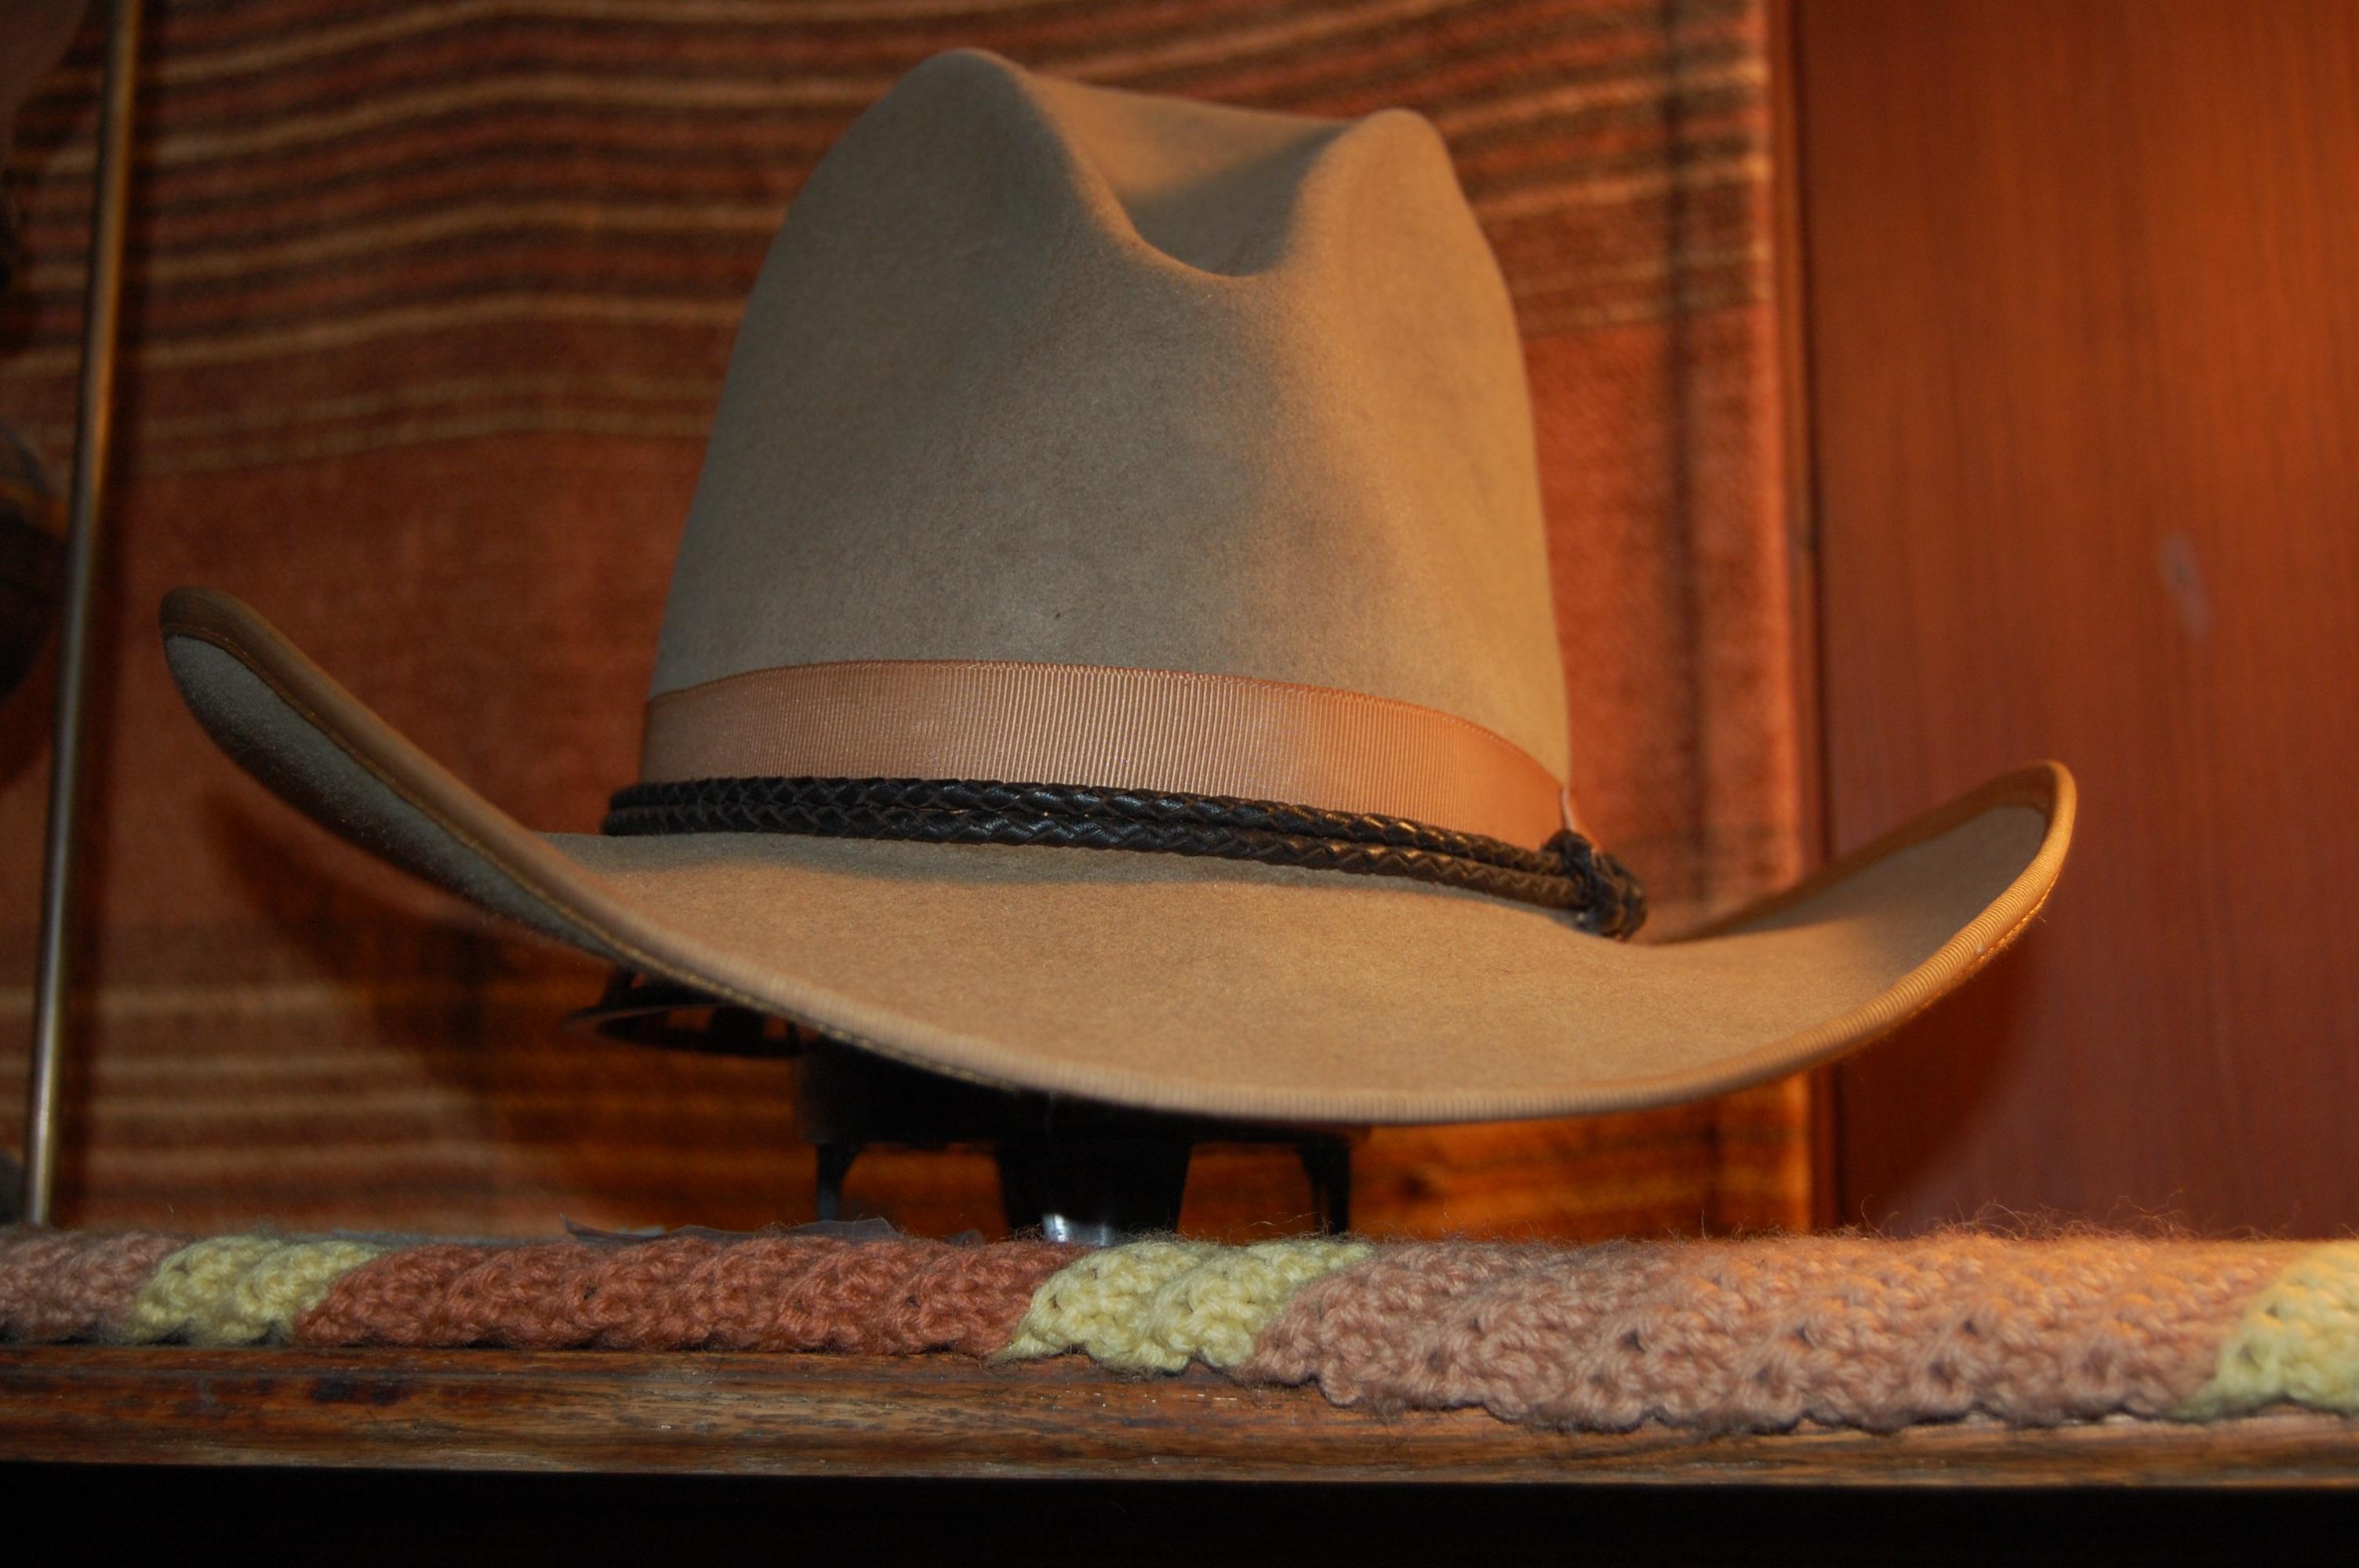 zapato madera vendimia silla sombrero ropa mueble Casco Oeste art americano  calzado occidental ropa tradicional Stetson 8e960b2db45